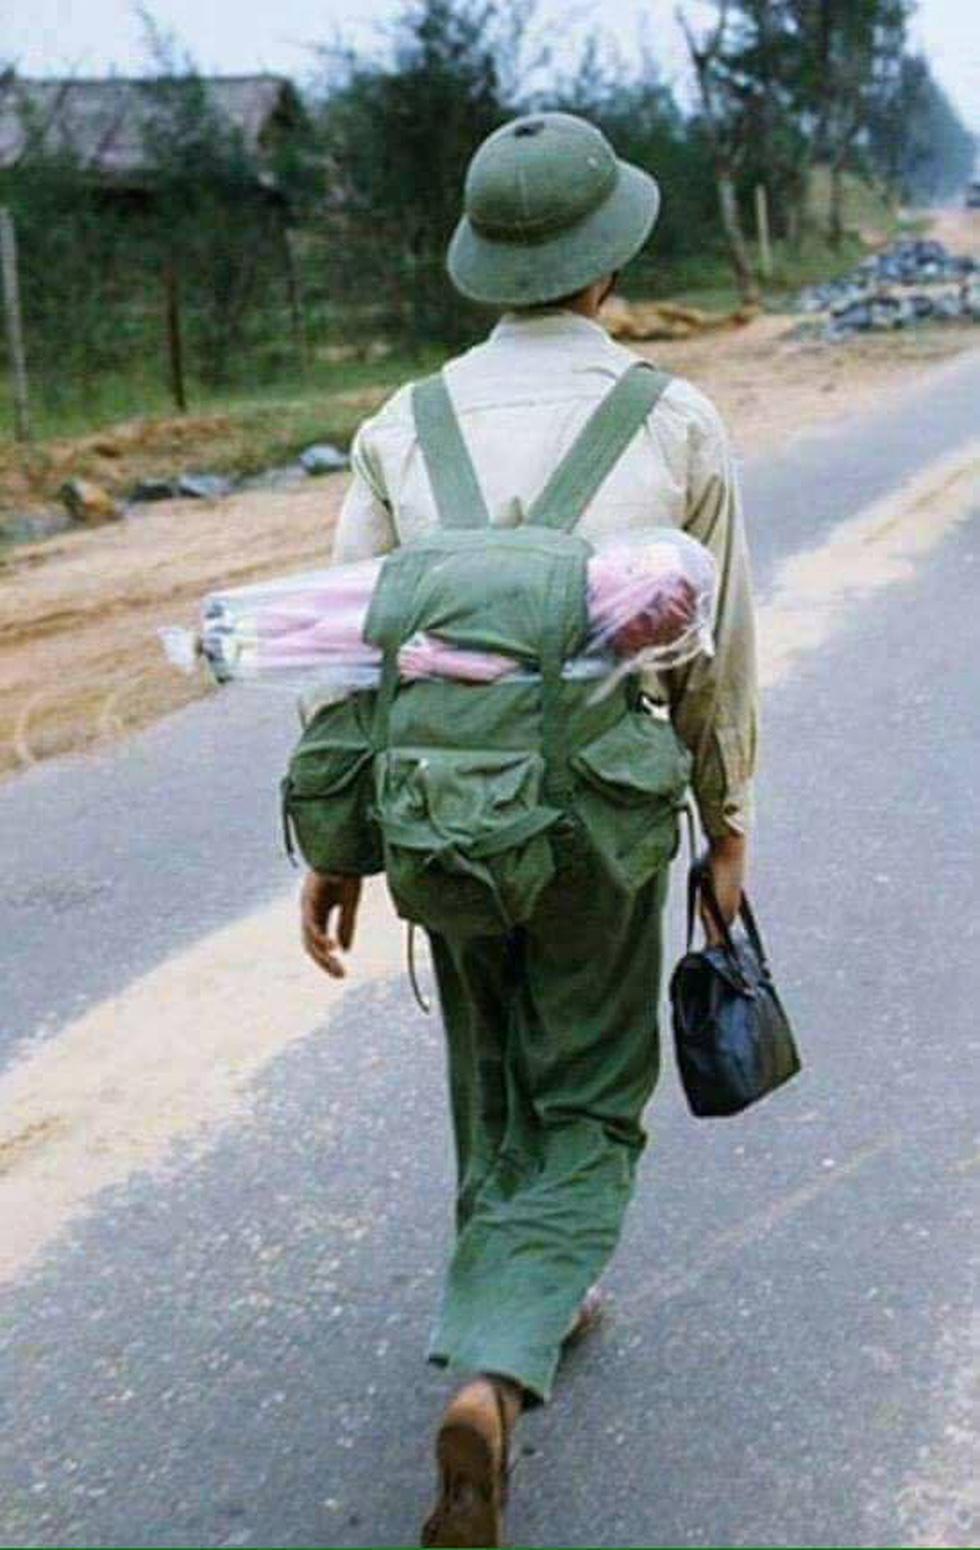 Con búp bê trong balô theo bước chân hân hoan của người lính mang niềm vui về cho những em thơ nơi quê nhà... - Ảnh: Marc Riboud